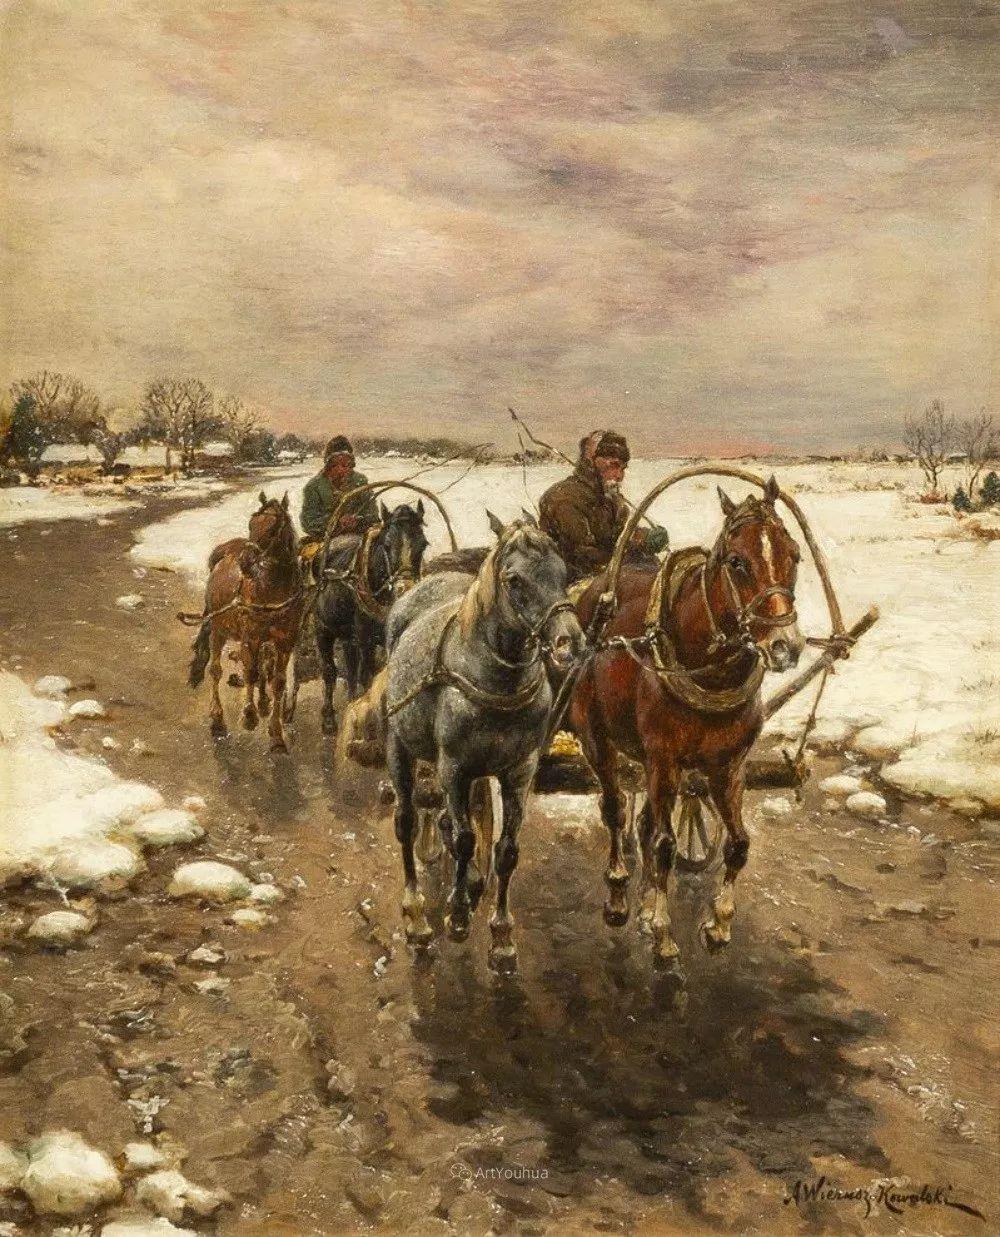 马拉雪橇,波兰艺术家科瓦尔斯基插图40